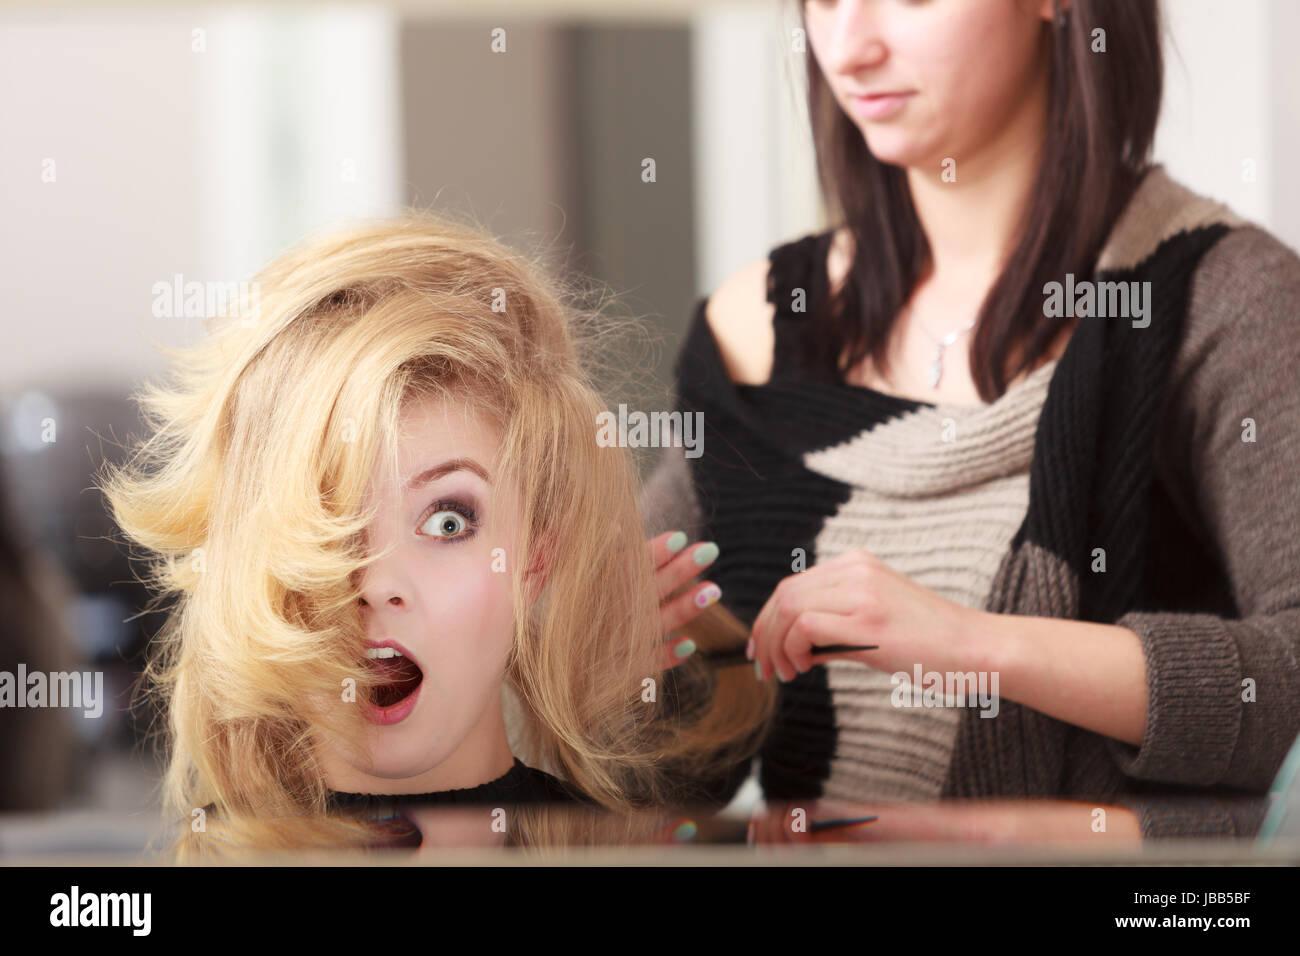 Uberrascht Schockiert Madchen Mit Blonden Welliges Haar Von Friseur